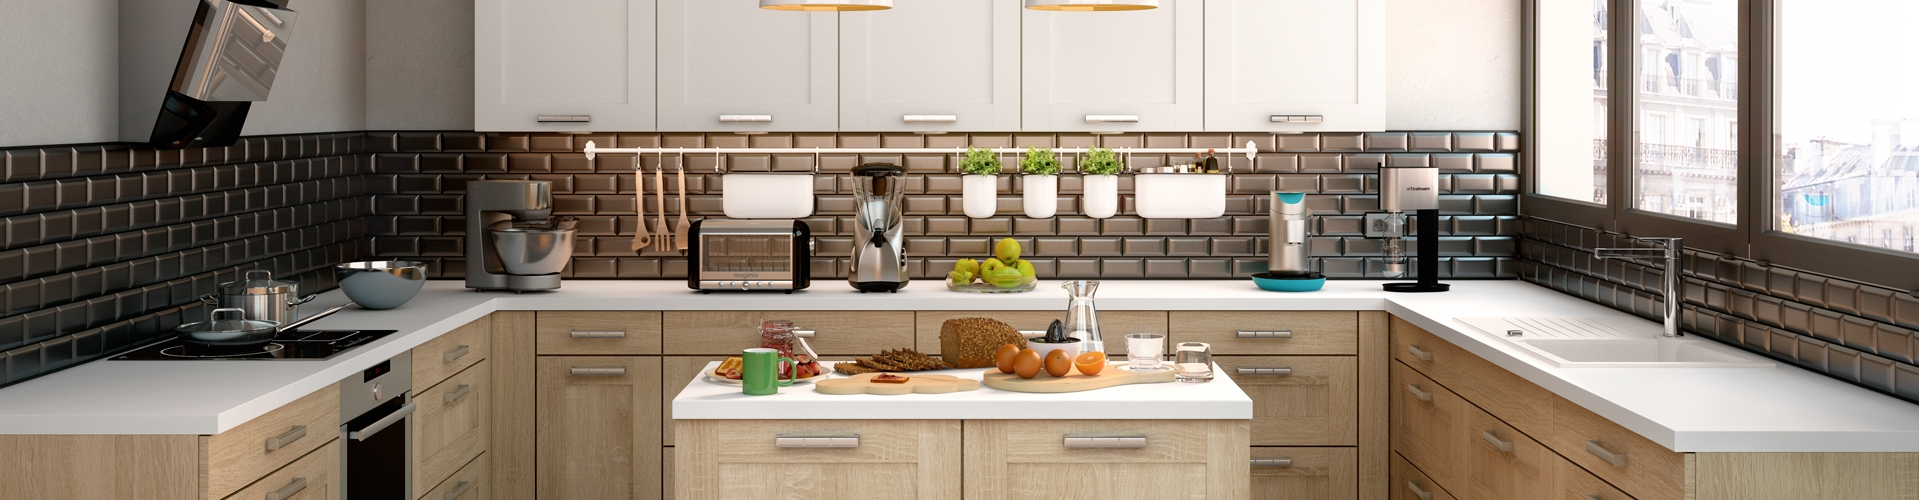 Cuisine quip e devis en ligne maison moderne for Combien coute une cuisine equipee